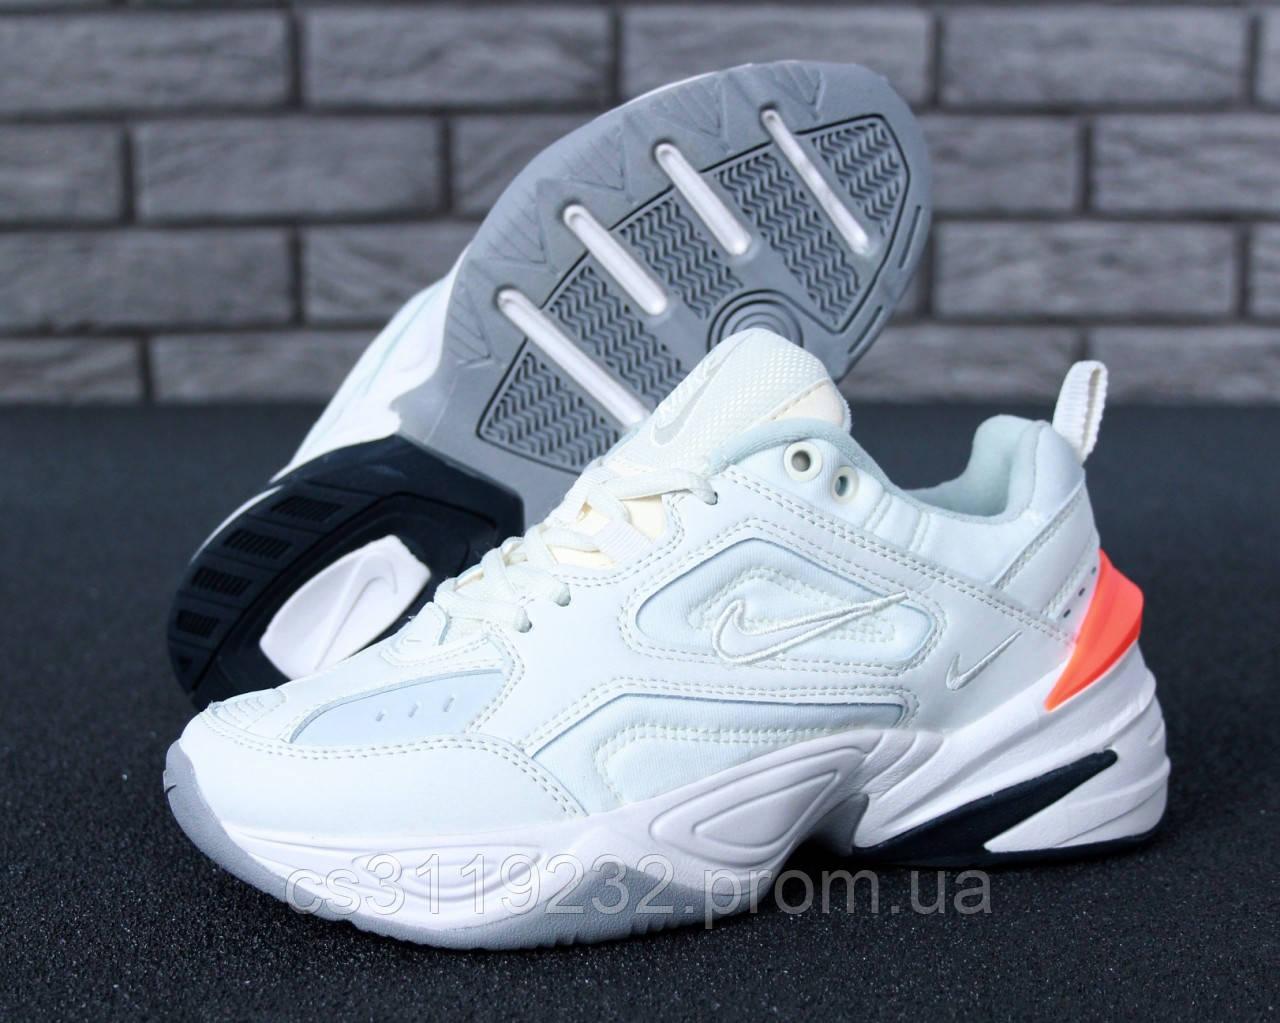 Женские кроссовки Nike M2K Tekno Phantom Olive Grey (серые)